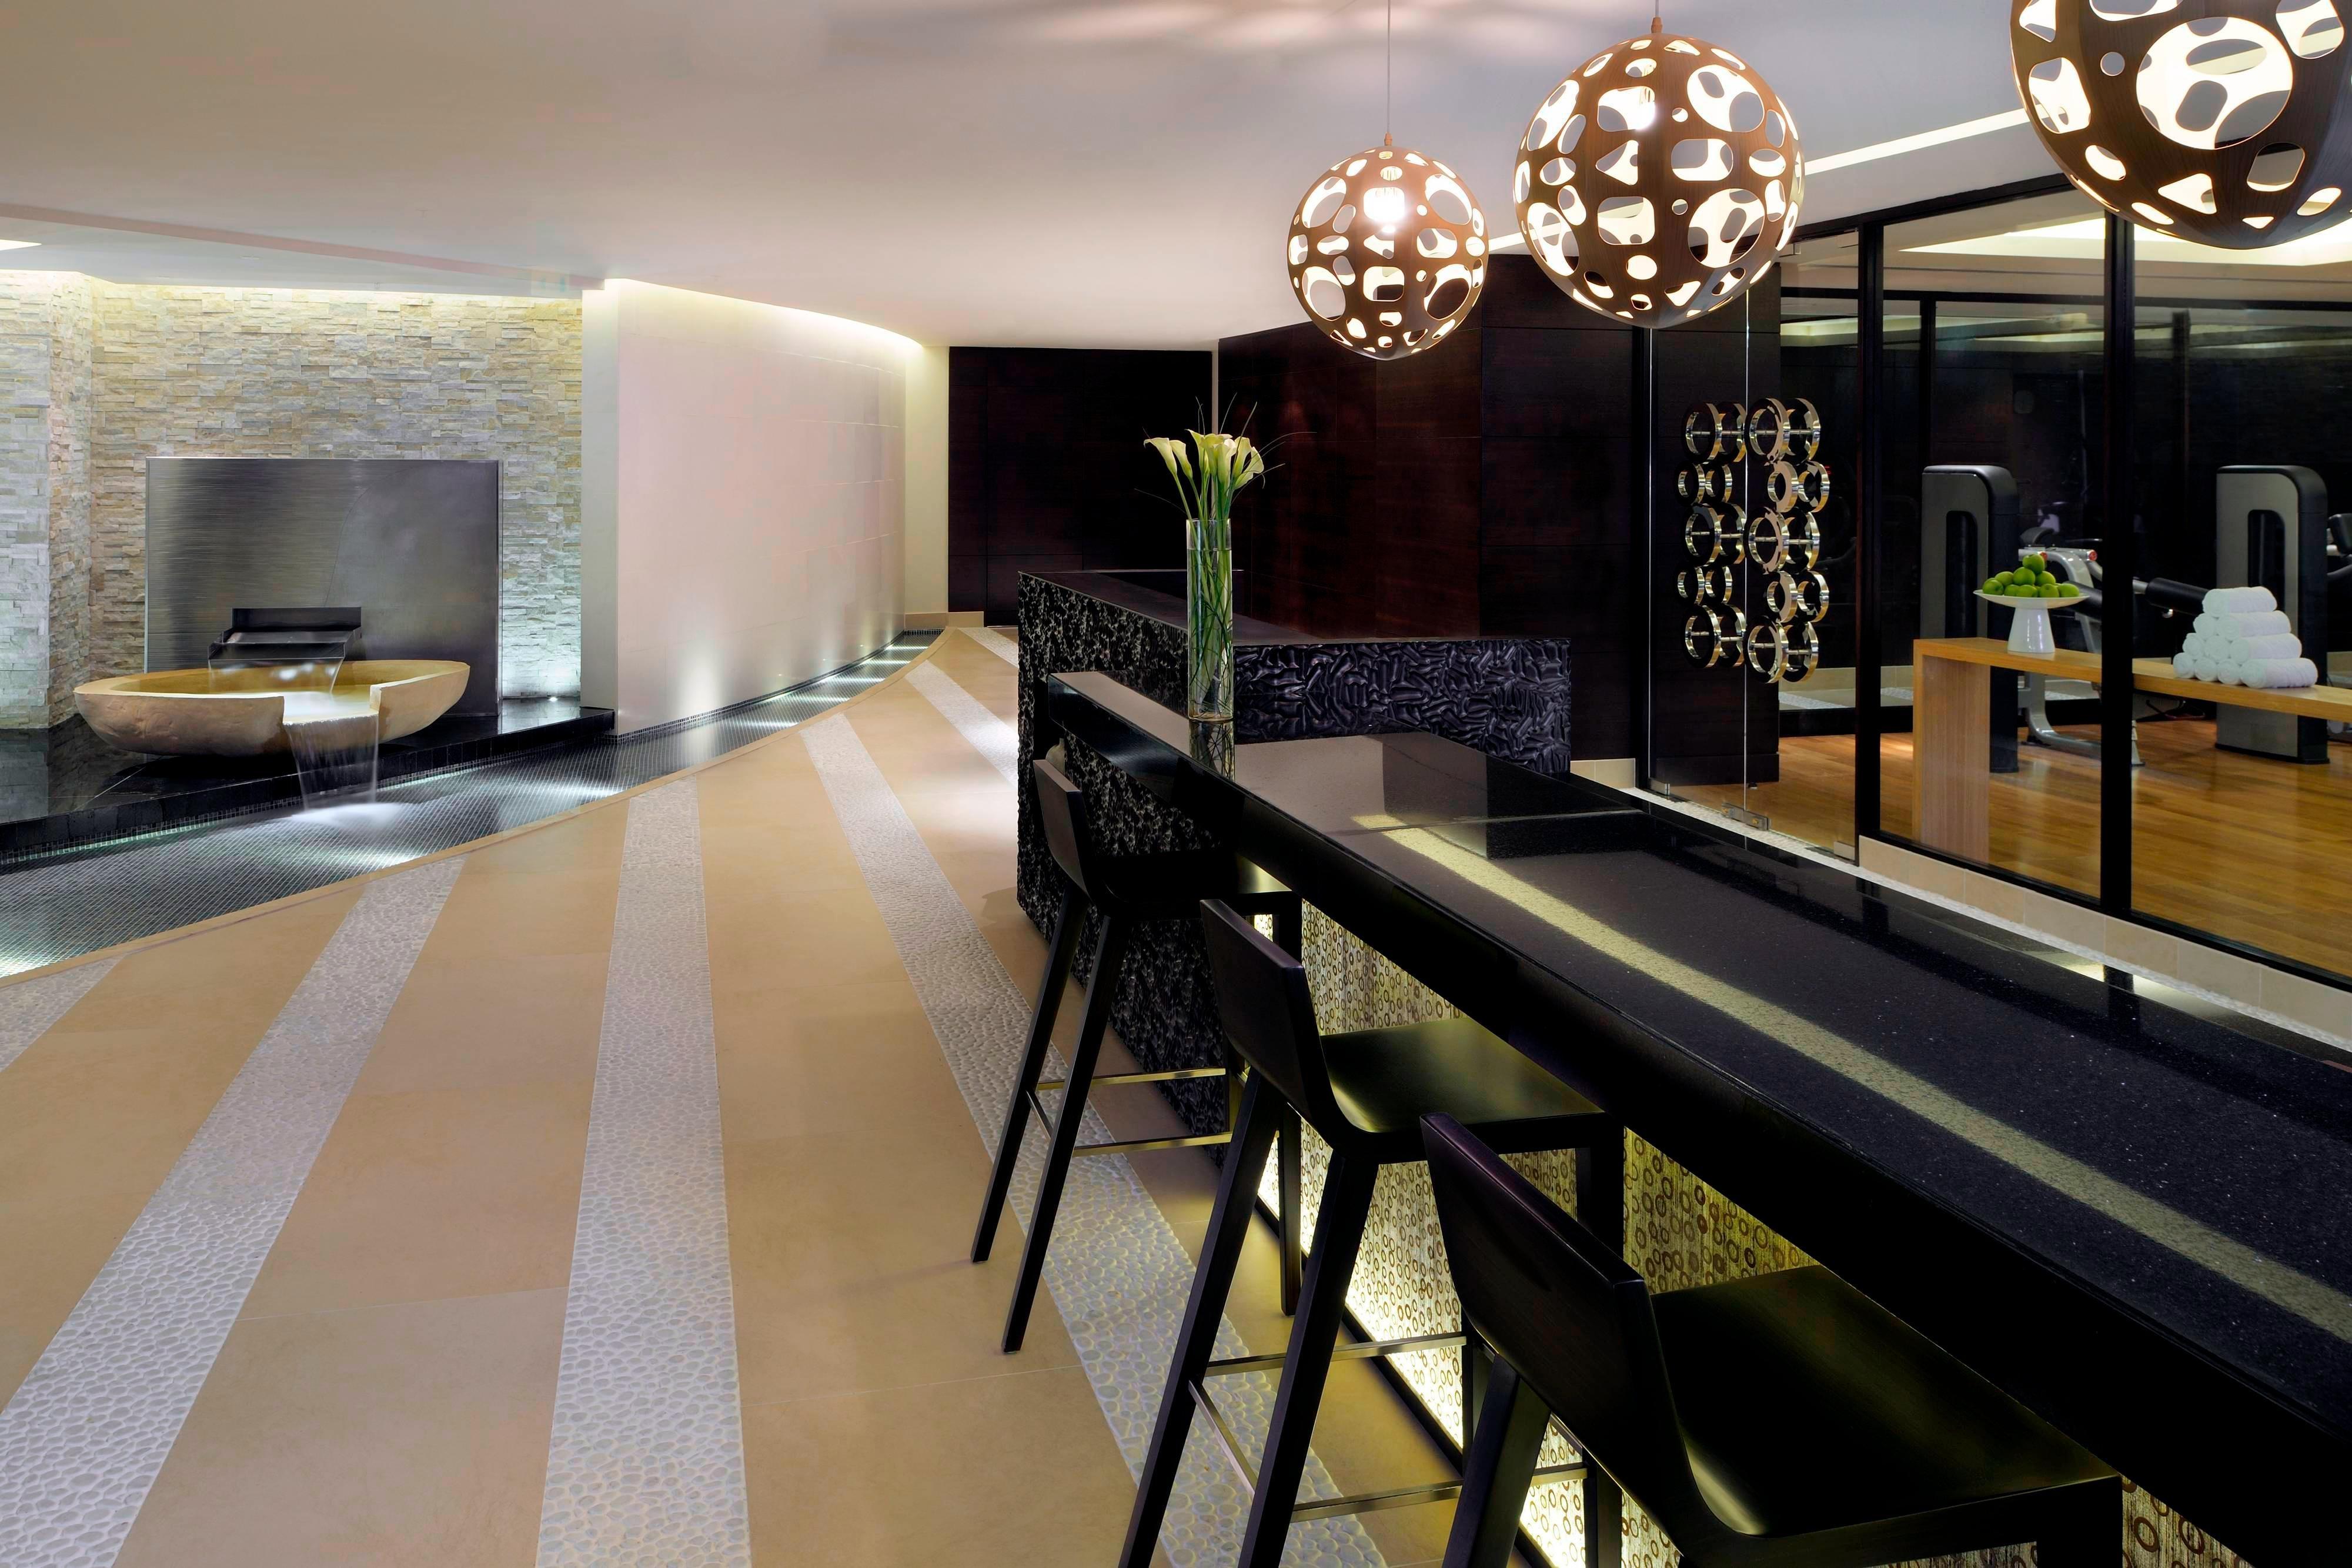 Dubai hotel with spa